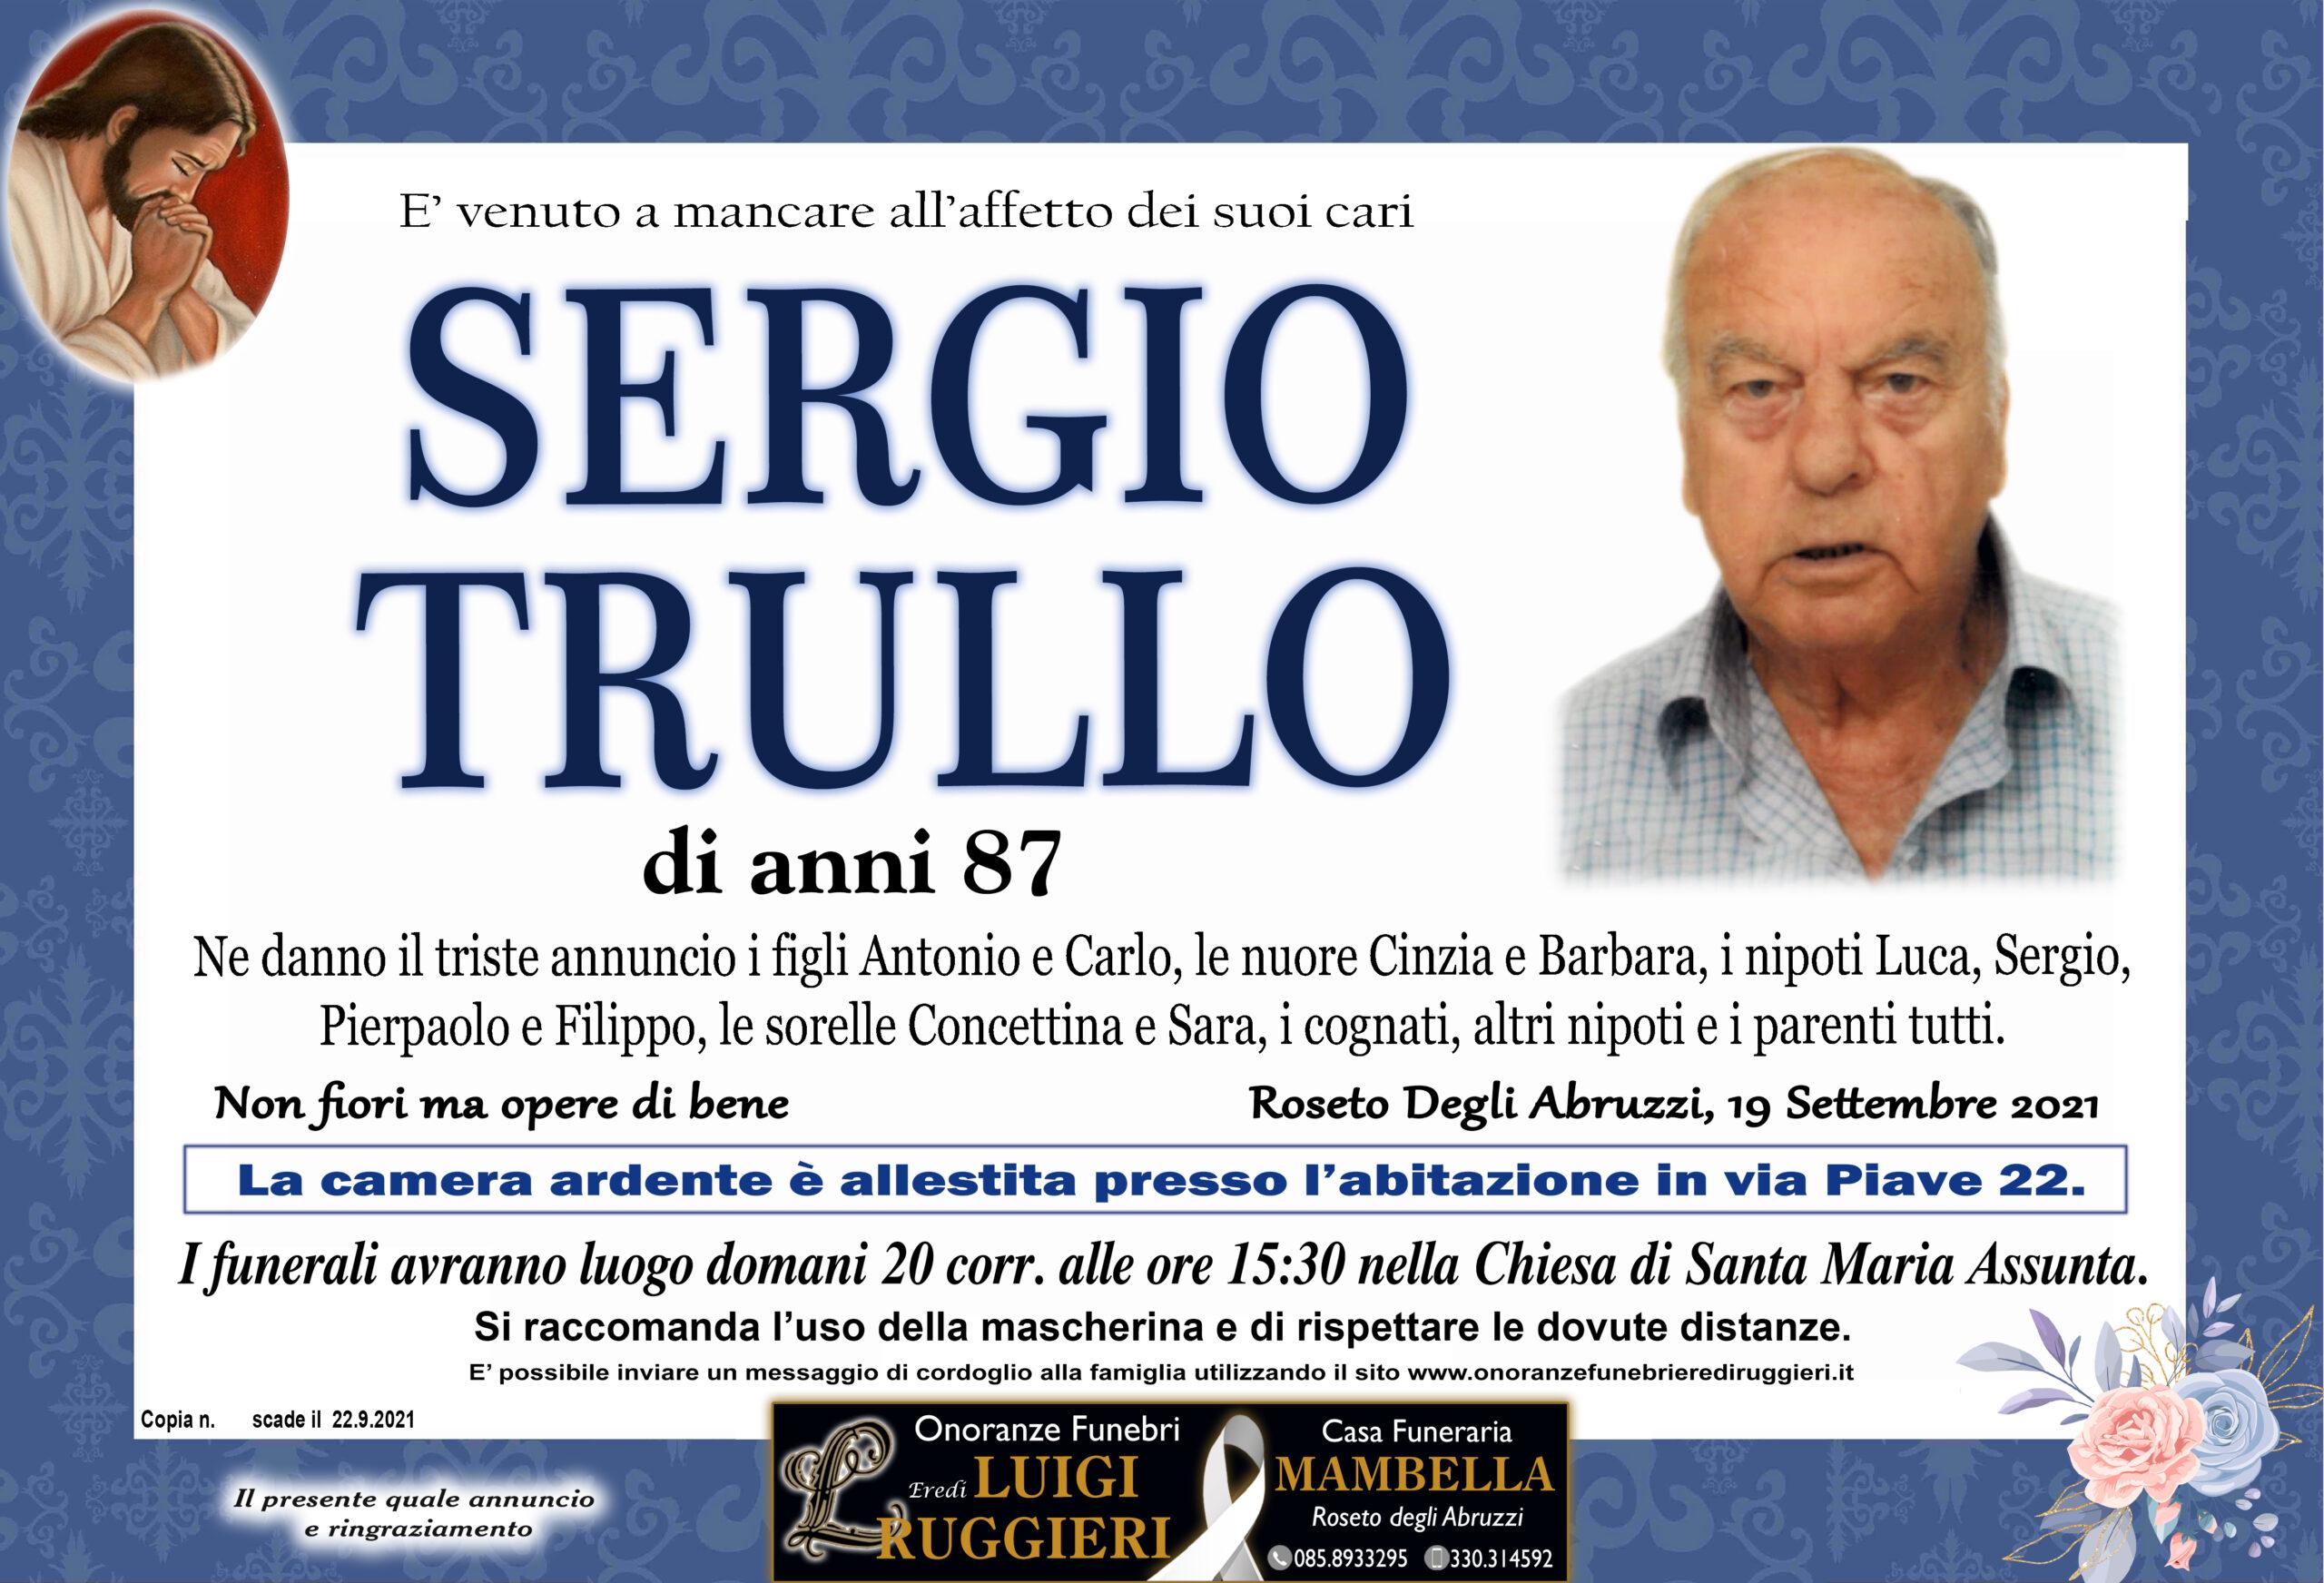 Sergio Trullo